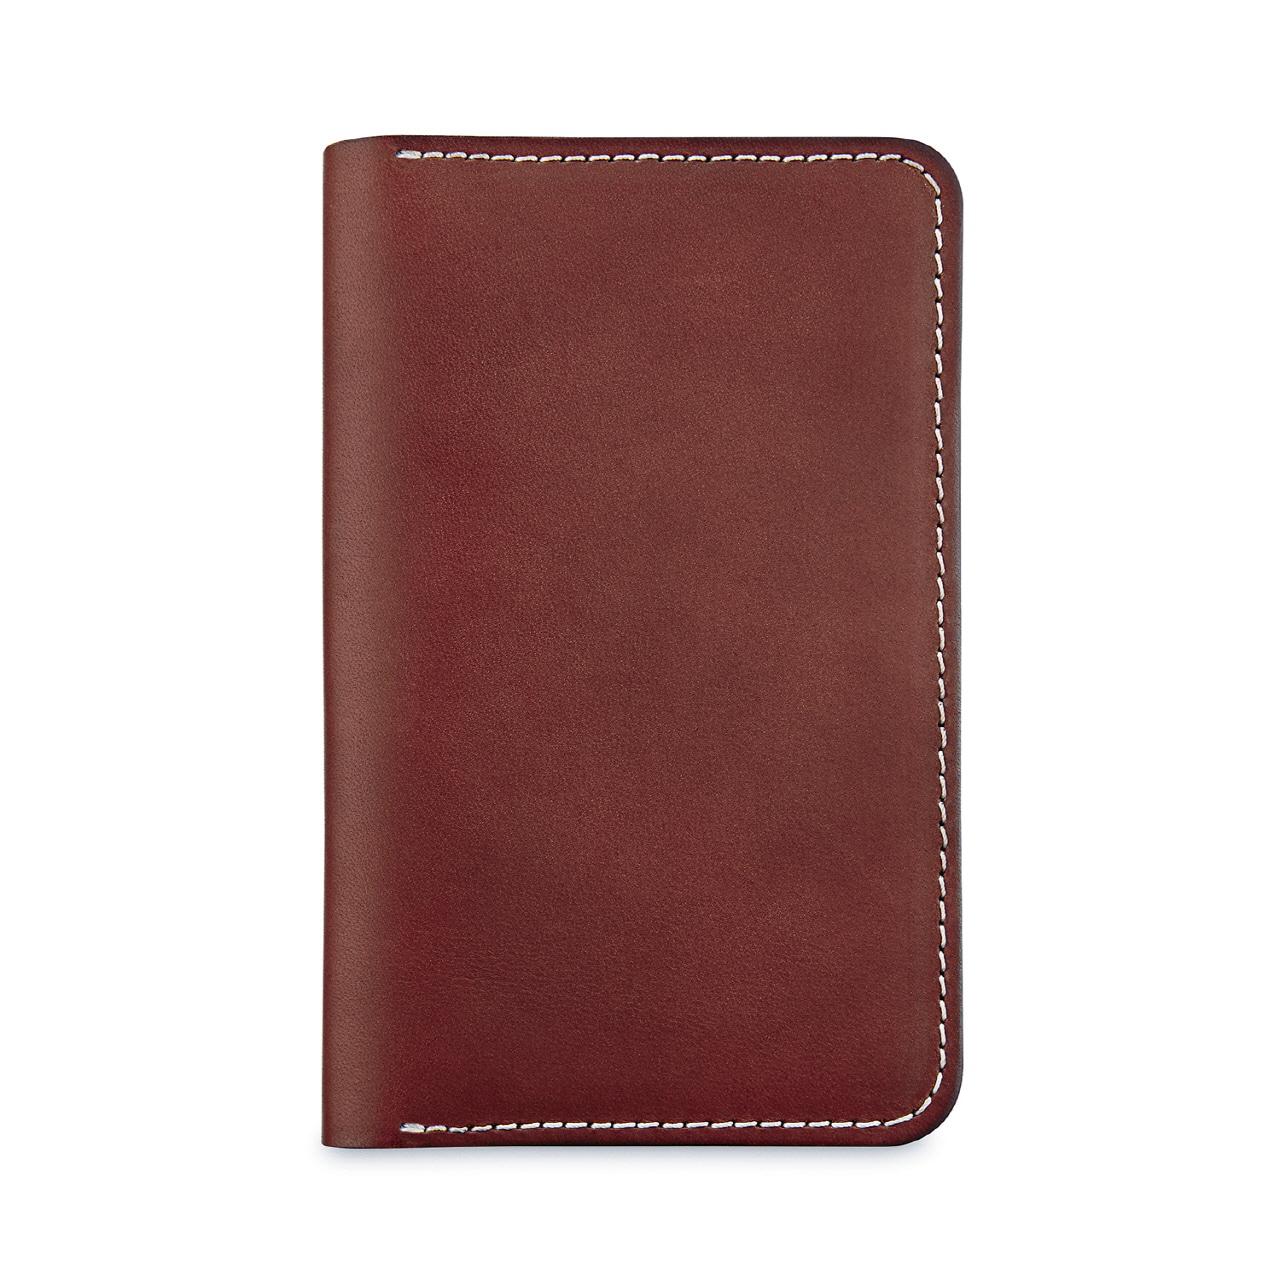 패스포트 지갑 95012 - 오로러셋 프론티어